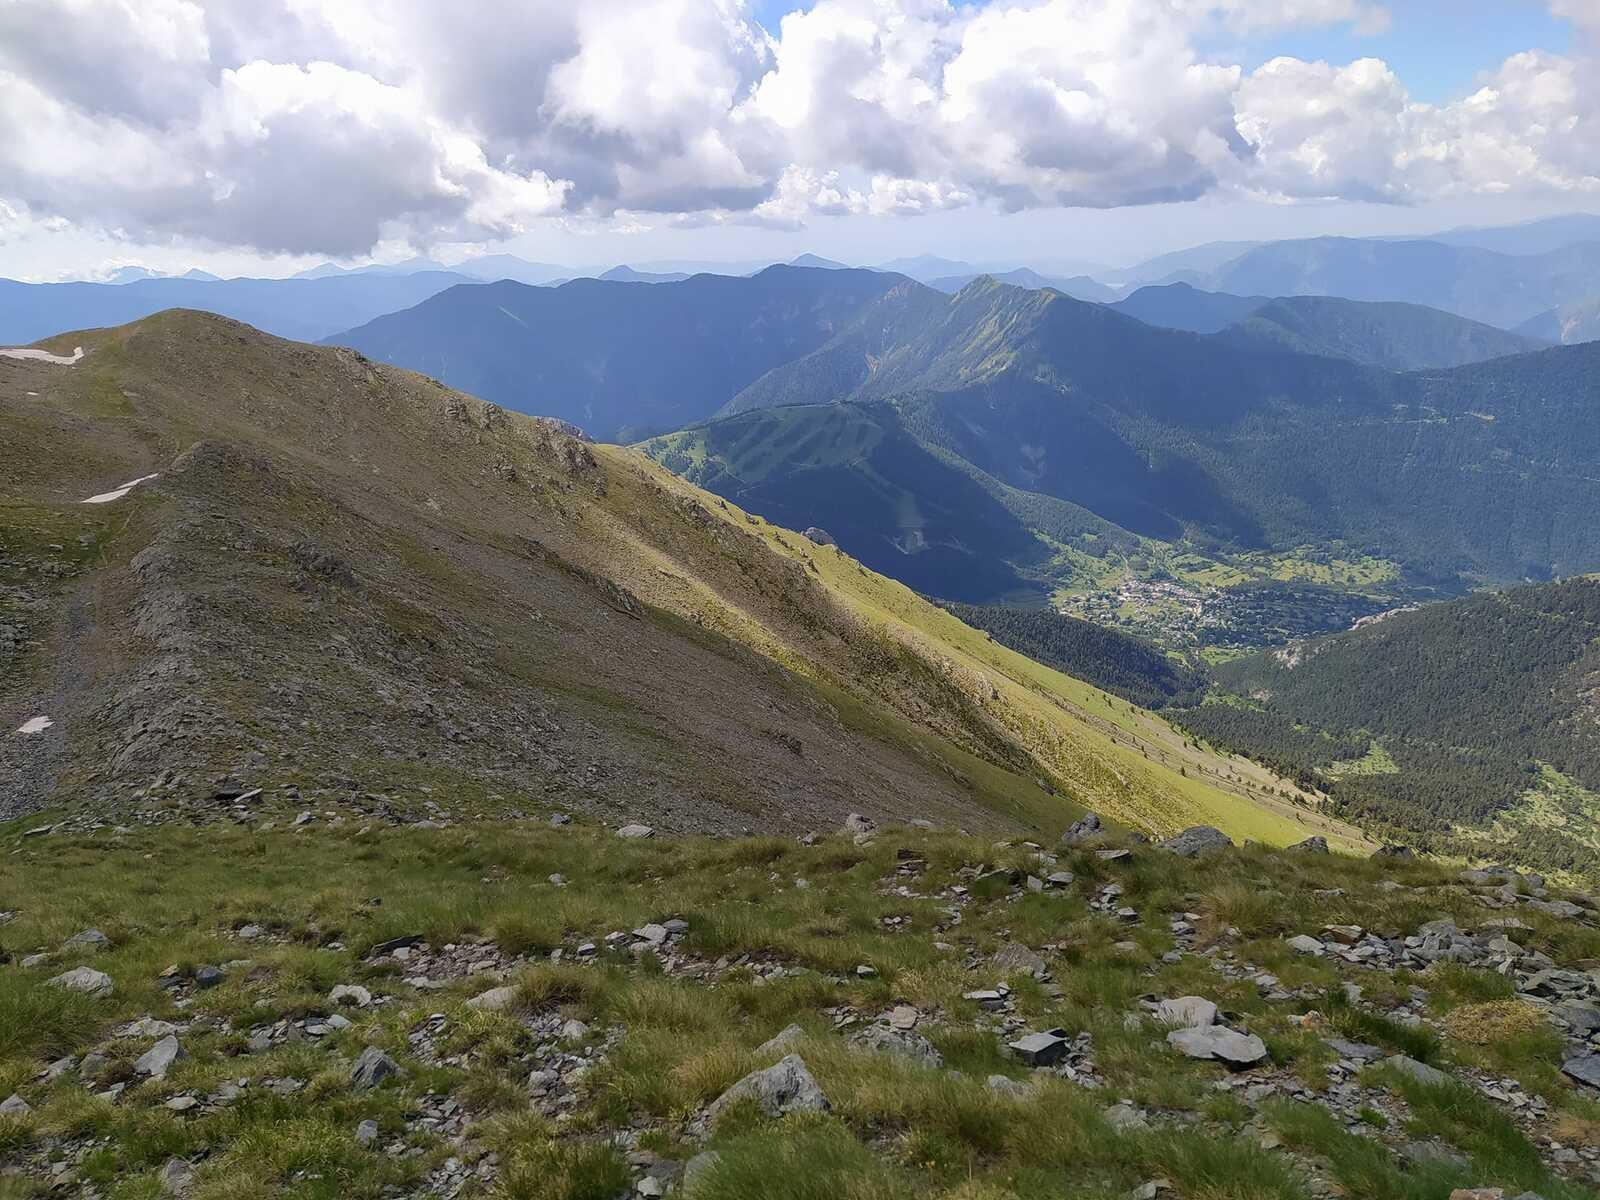 Mont Pépoiri (2674m), Mont Pétoumier (2604m), Tête du Brec (2566m), Baus de la Frema (2246m)